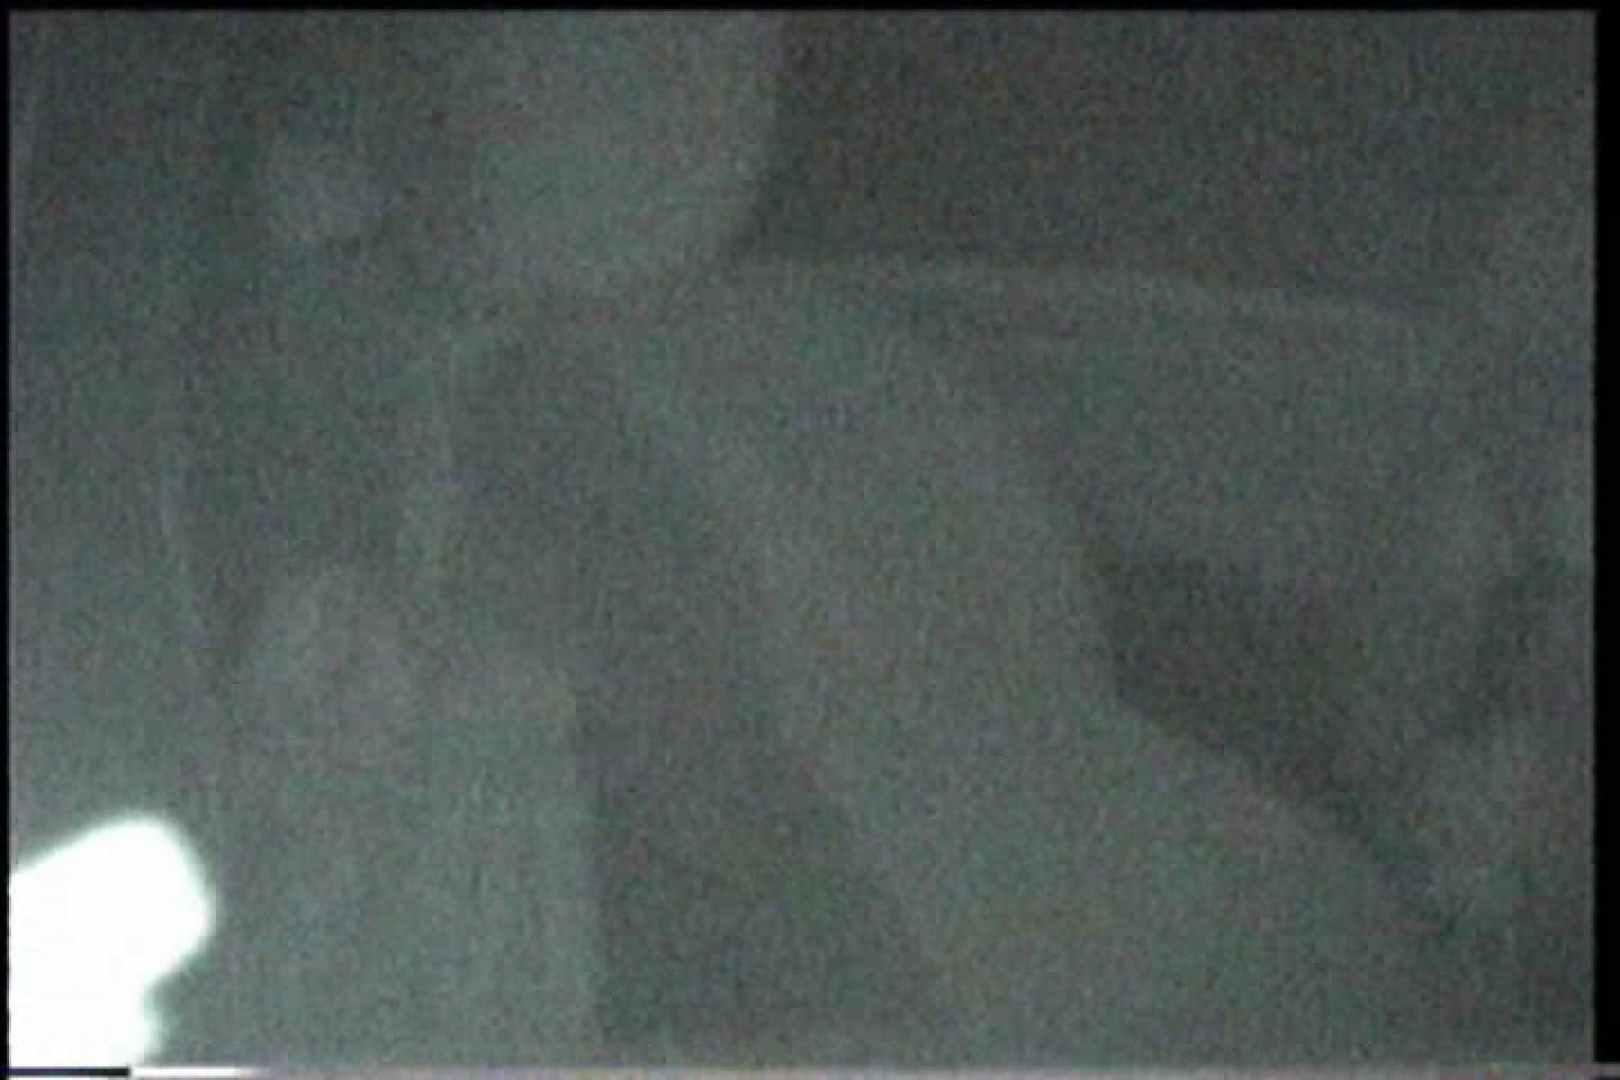 充血監督の深夜の運動会Vol.193 OL女体 エロ画像 105連発 98